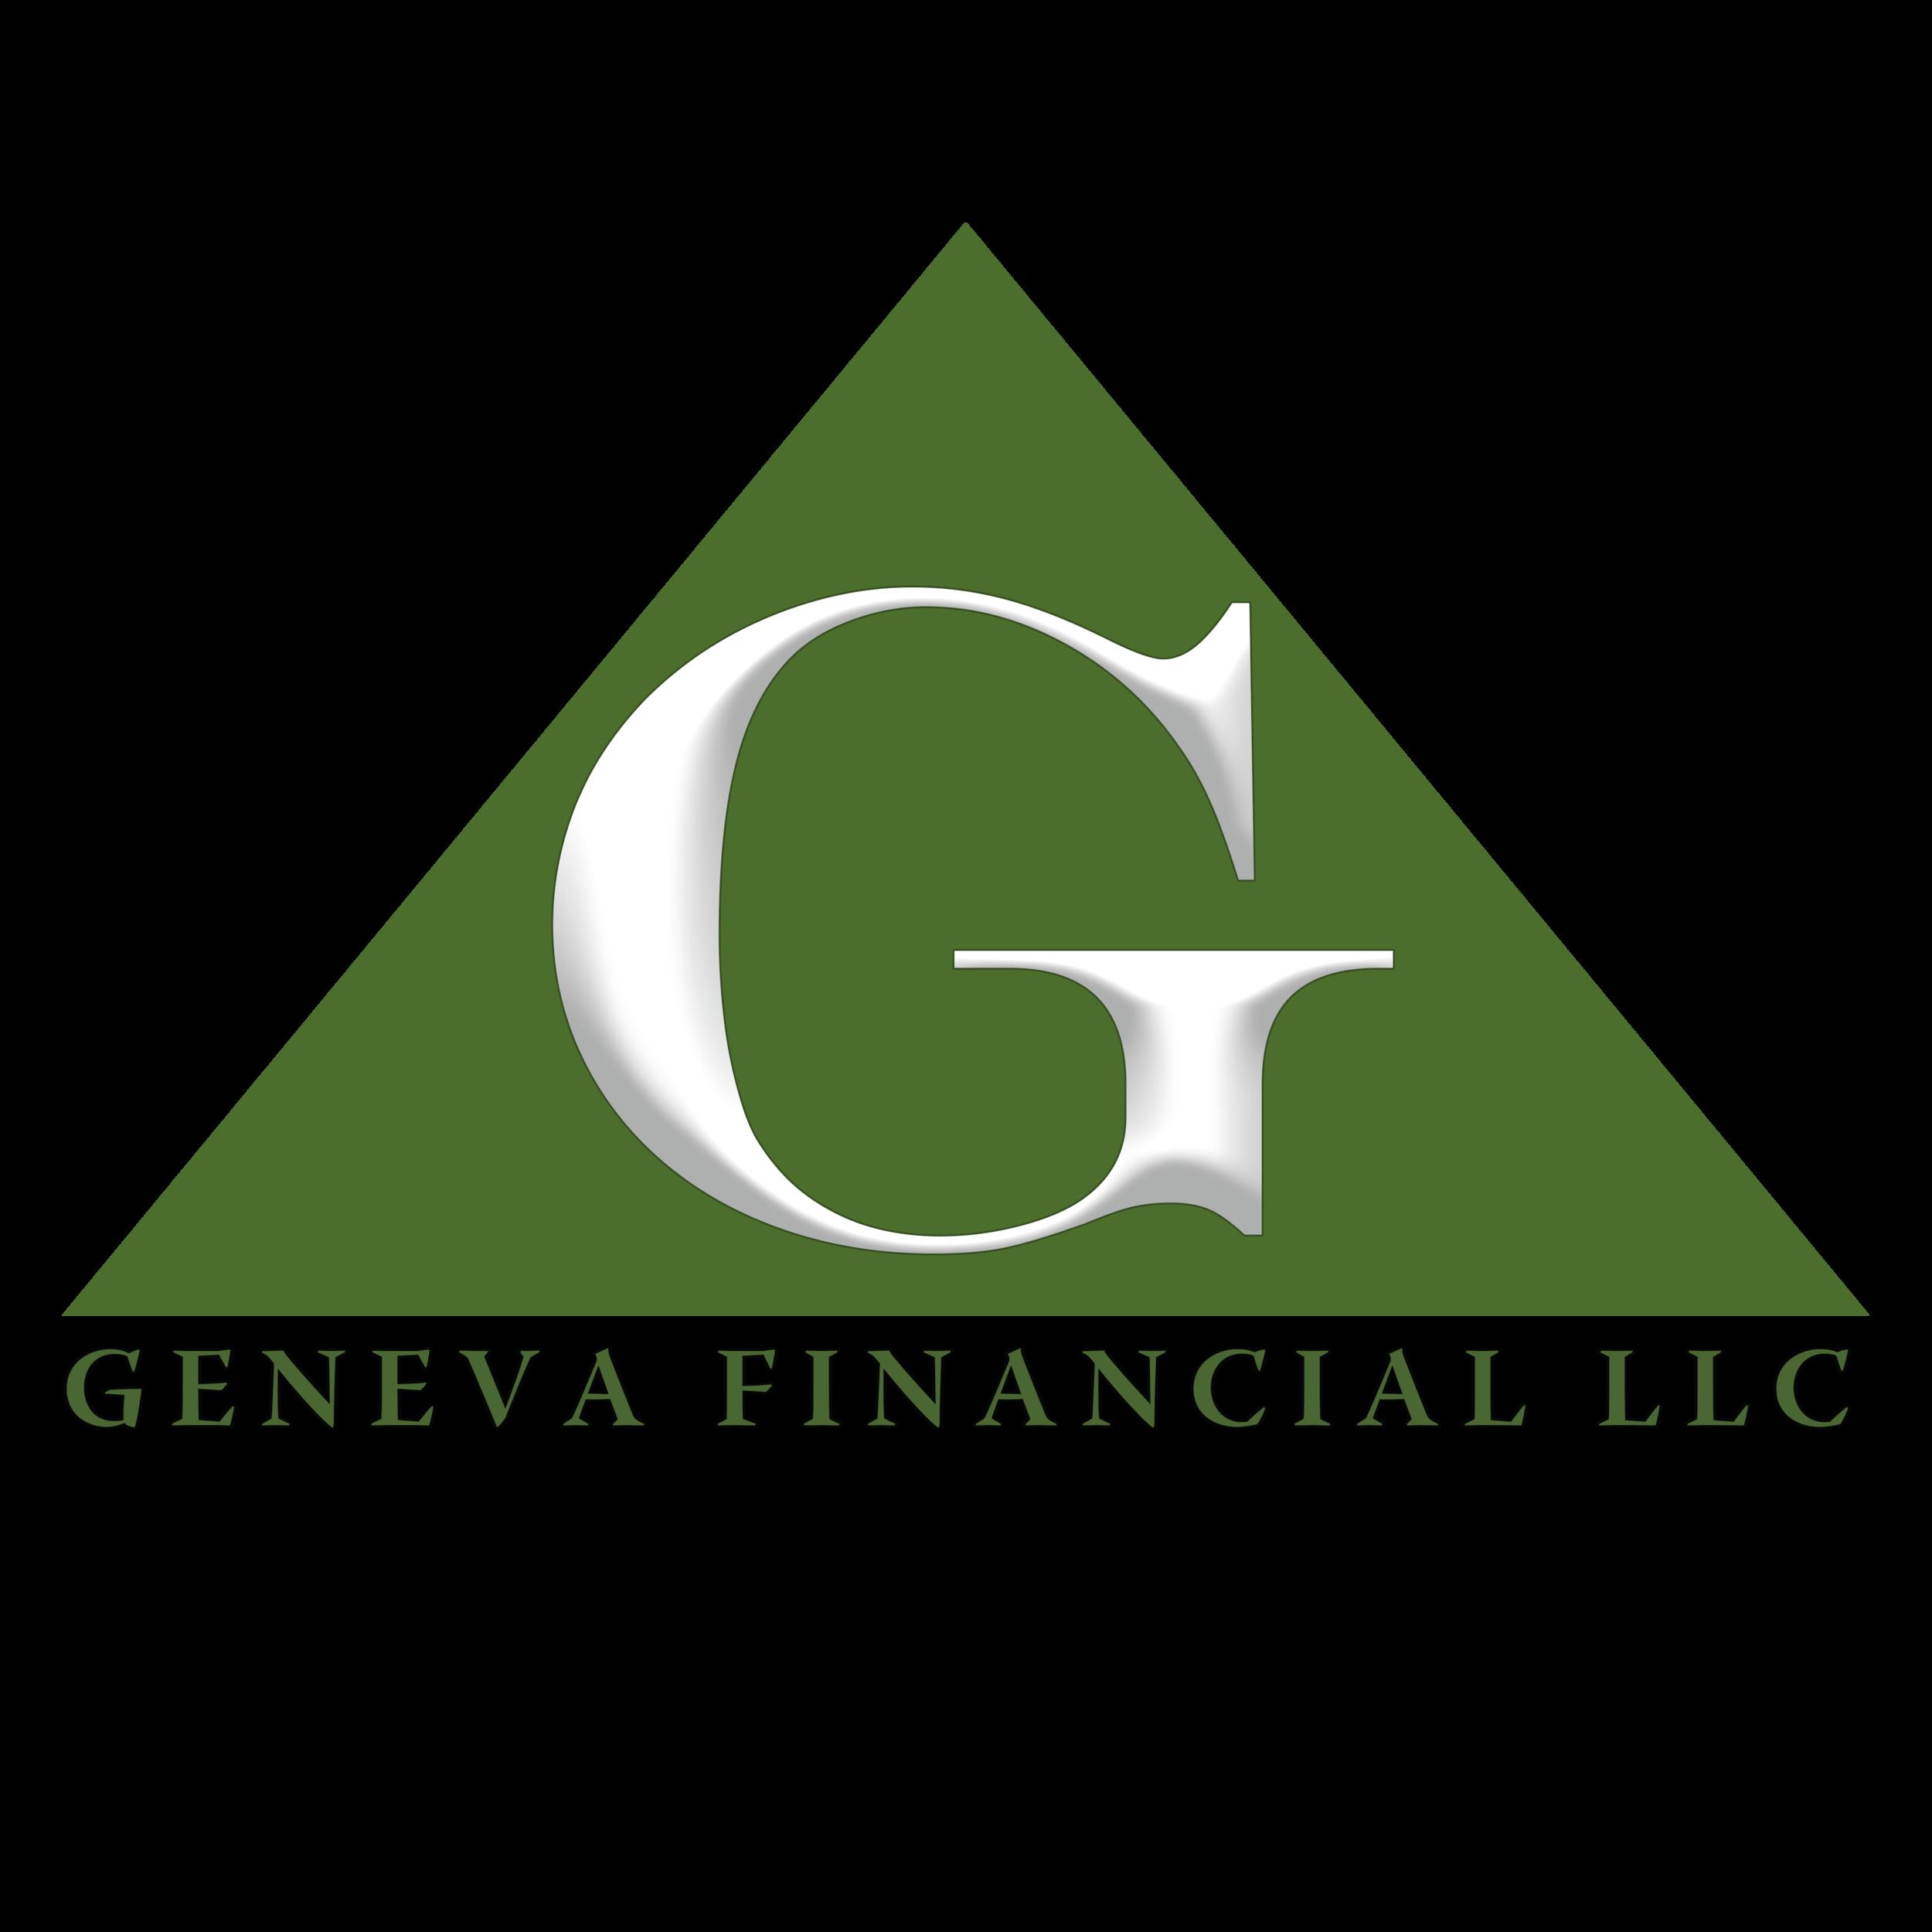 Geneva Financial LLC Jeff WInship.jpg